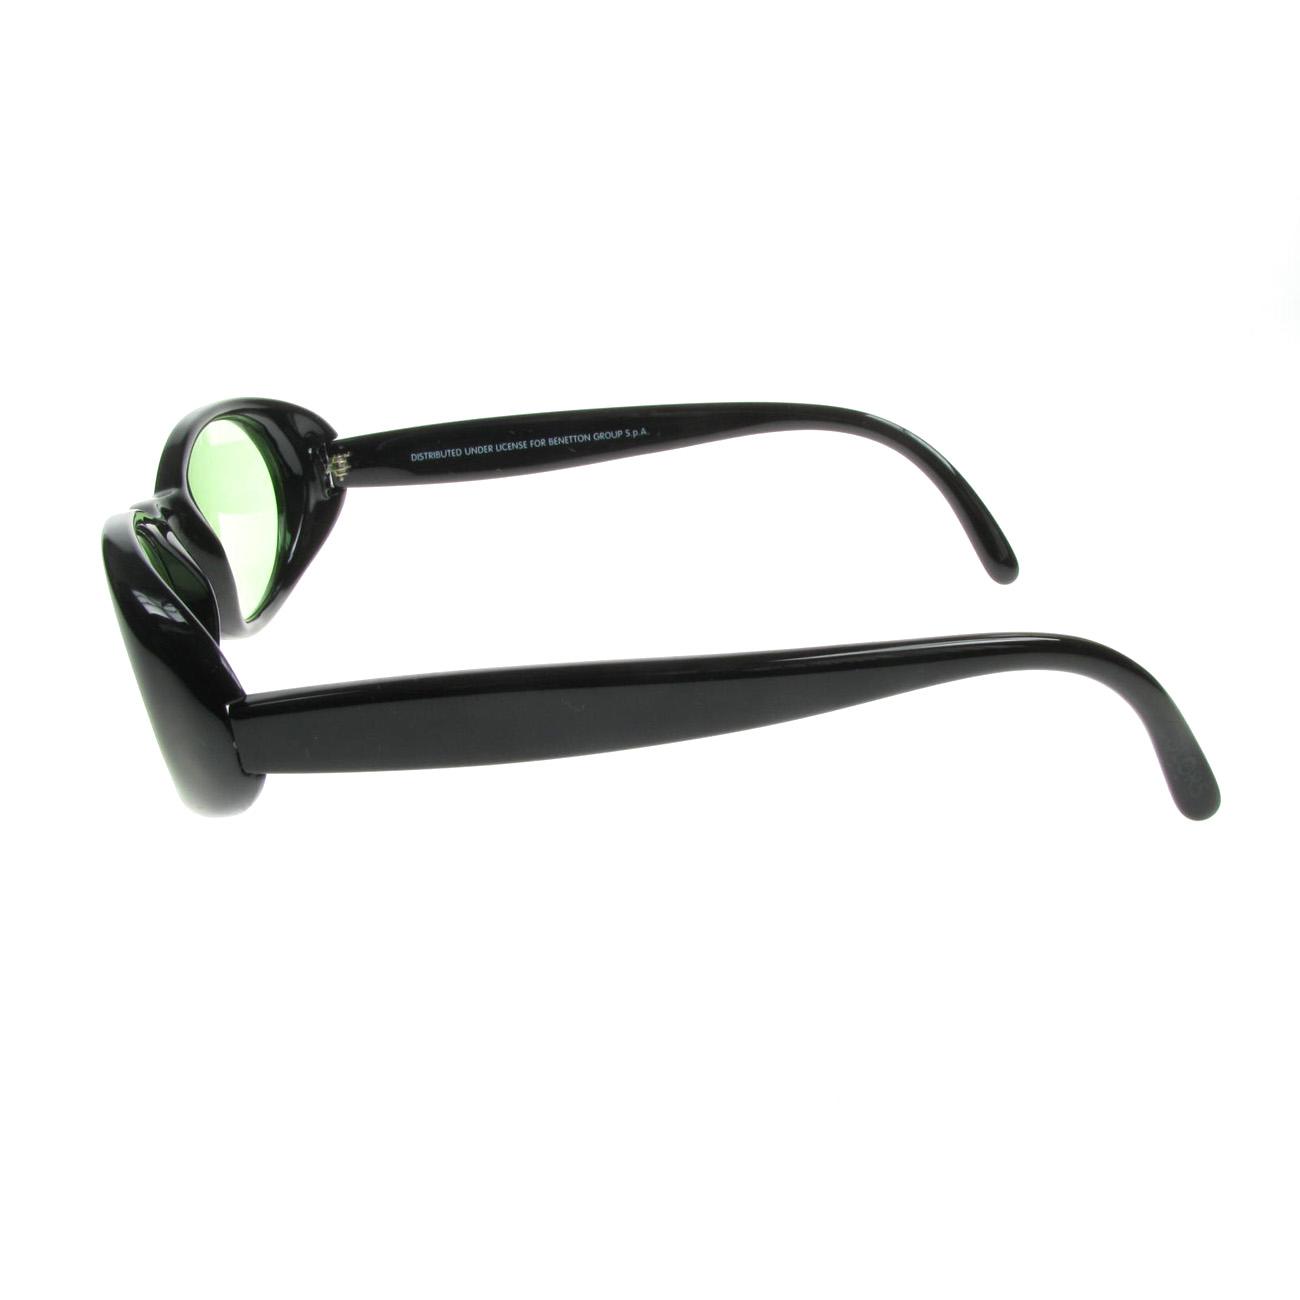 Benetton Glasses Prices